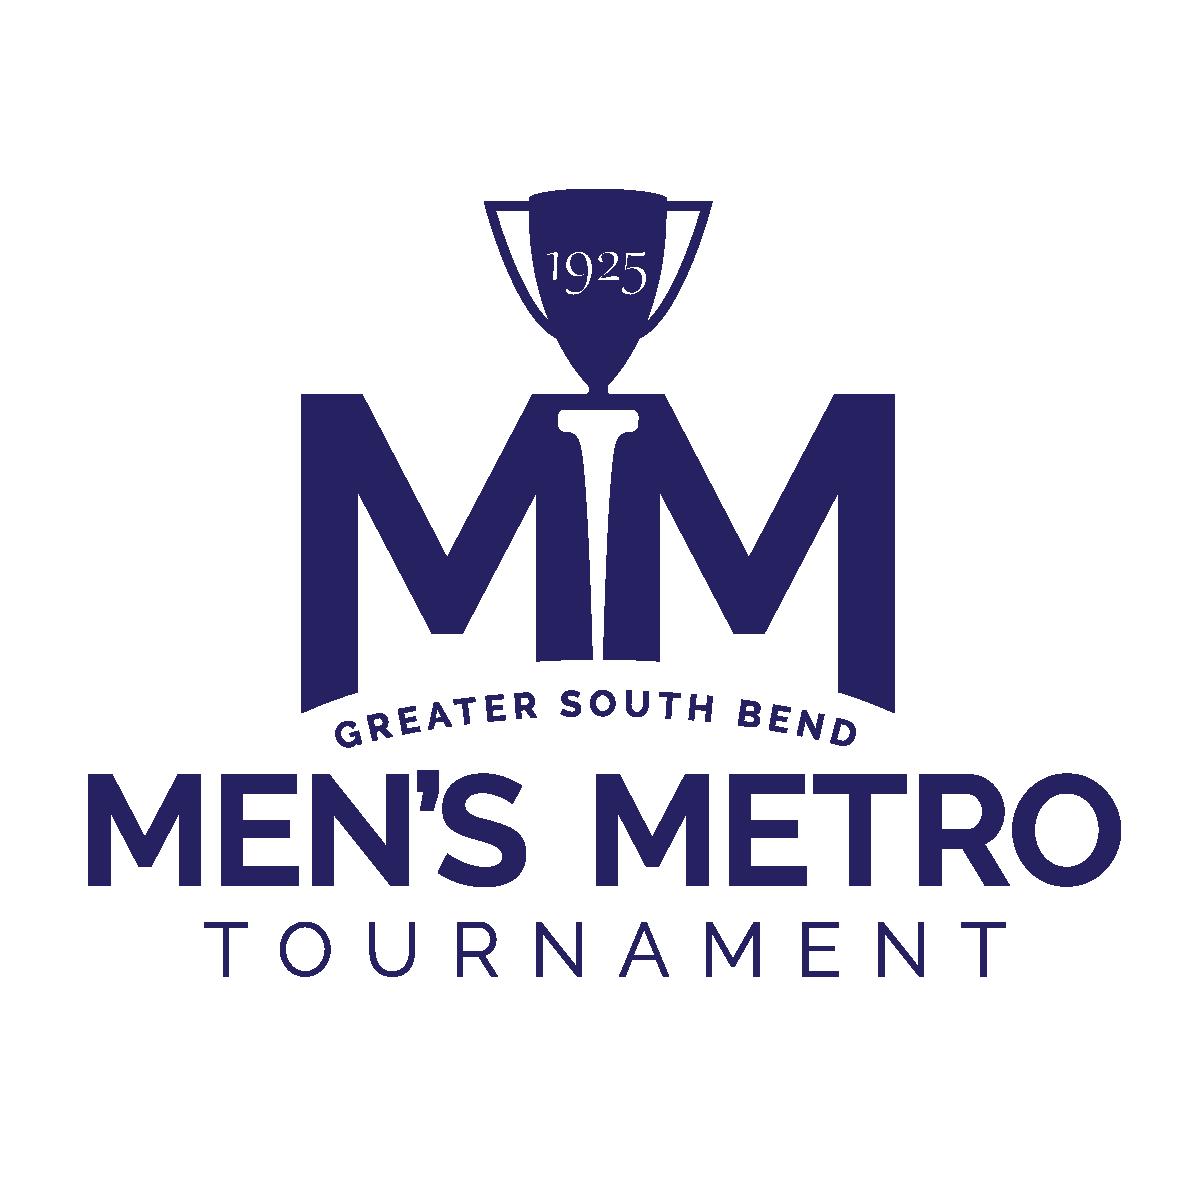 SouthBend-MensMetro-logo-03